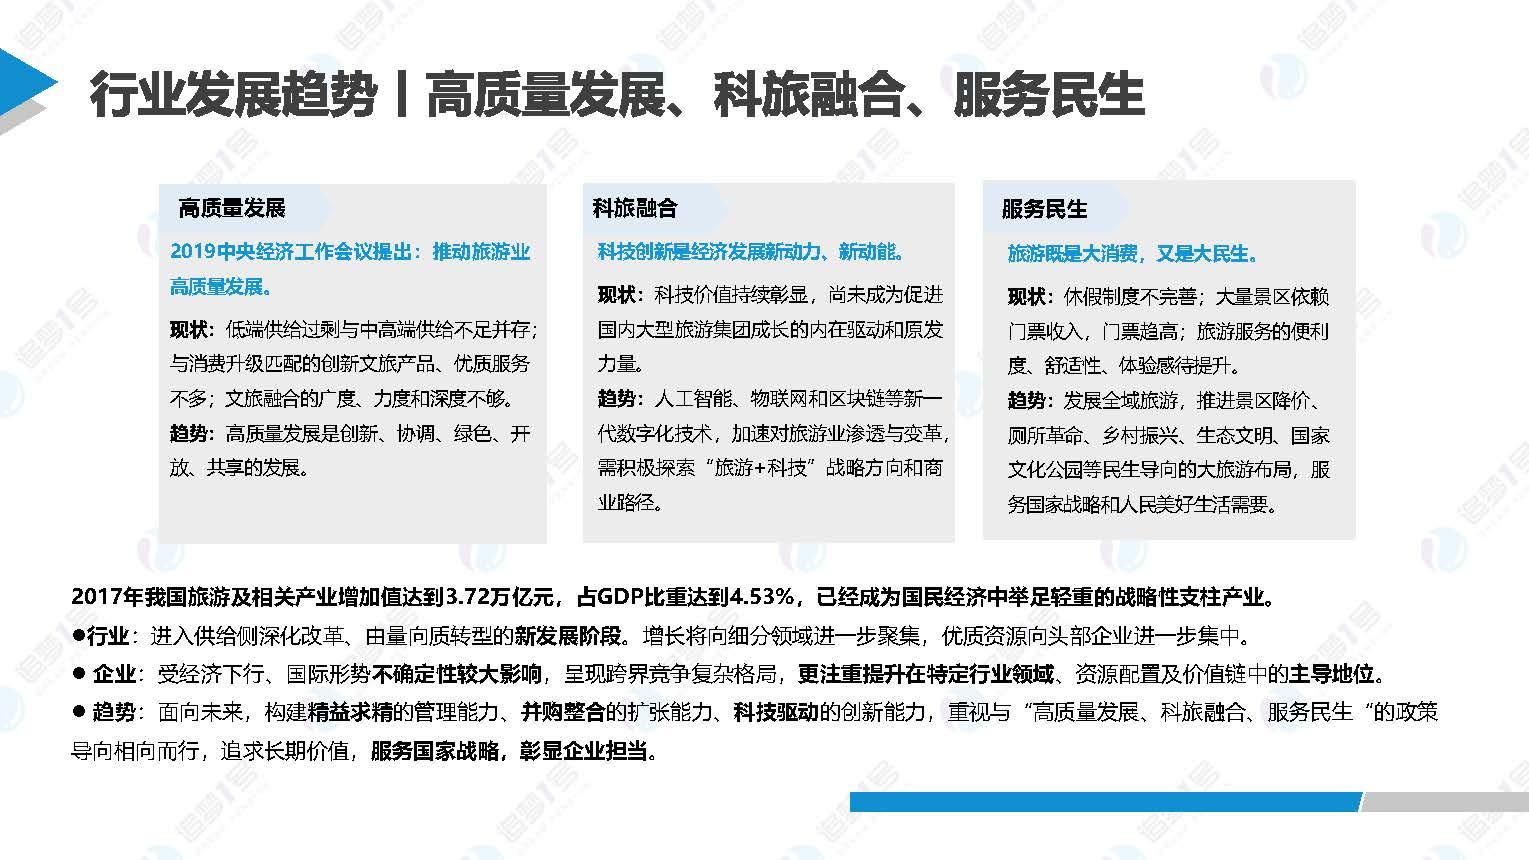 中国旅游行业研究 _页面_08.jpg